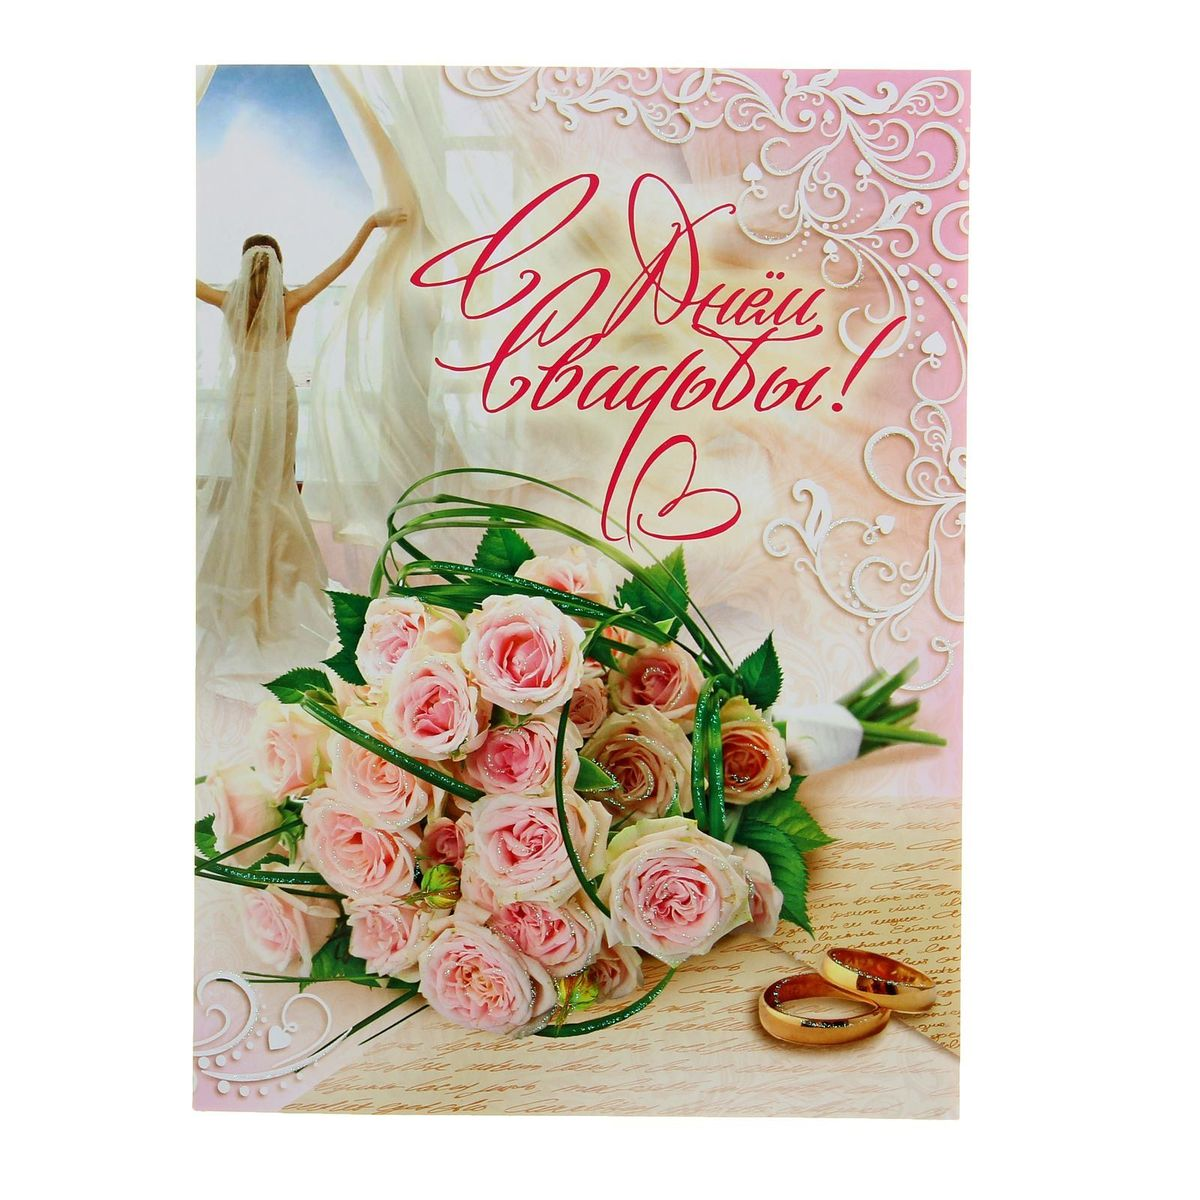 Открытка Эдельвейс С днем свадьбы!. 1148694 открытка эдельвейс с днем свадьбы 1162326